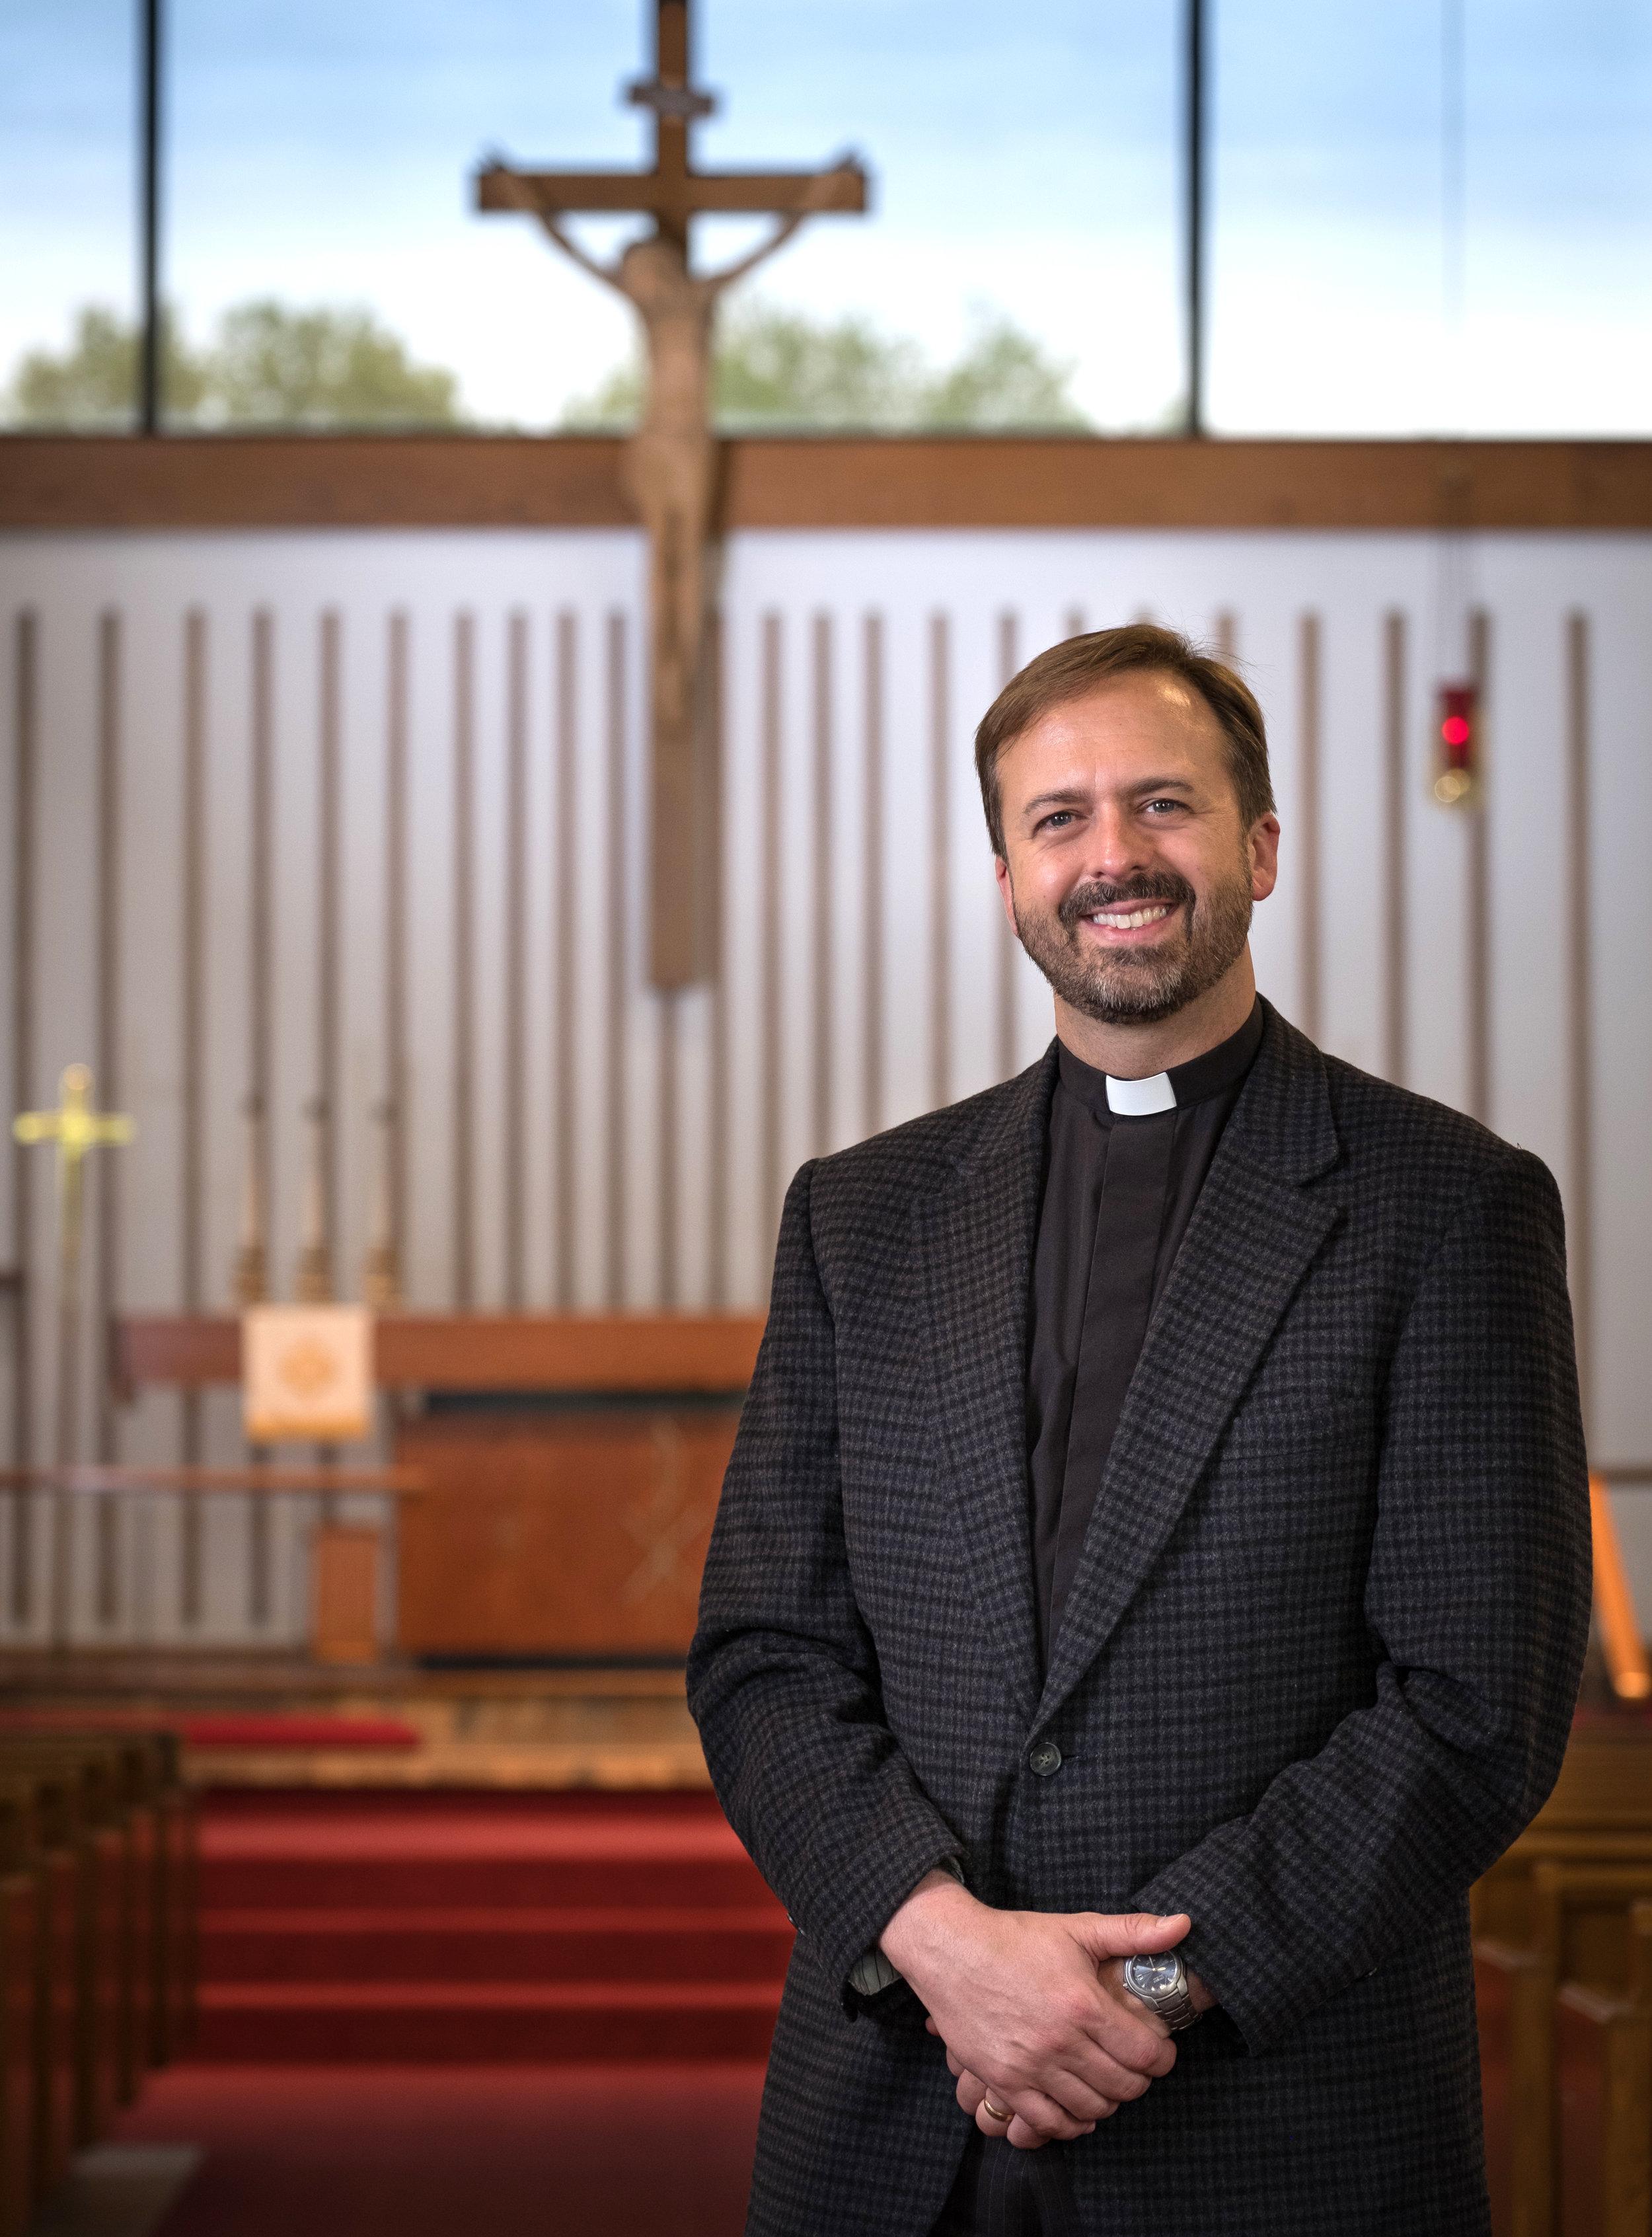 Rev. Dr. Edward O. Grimenstein